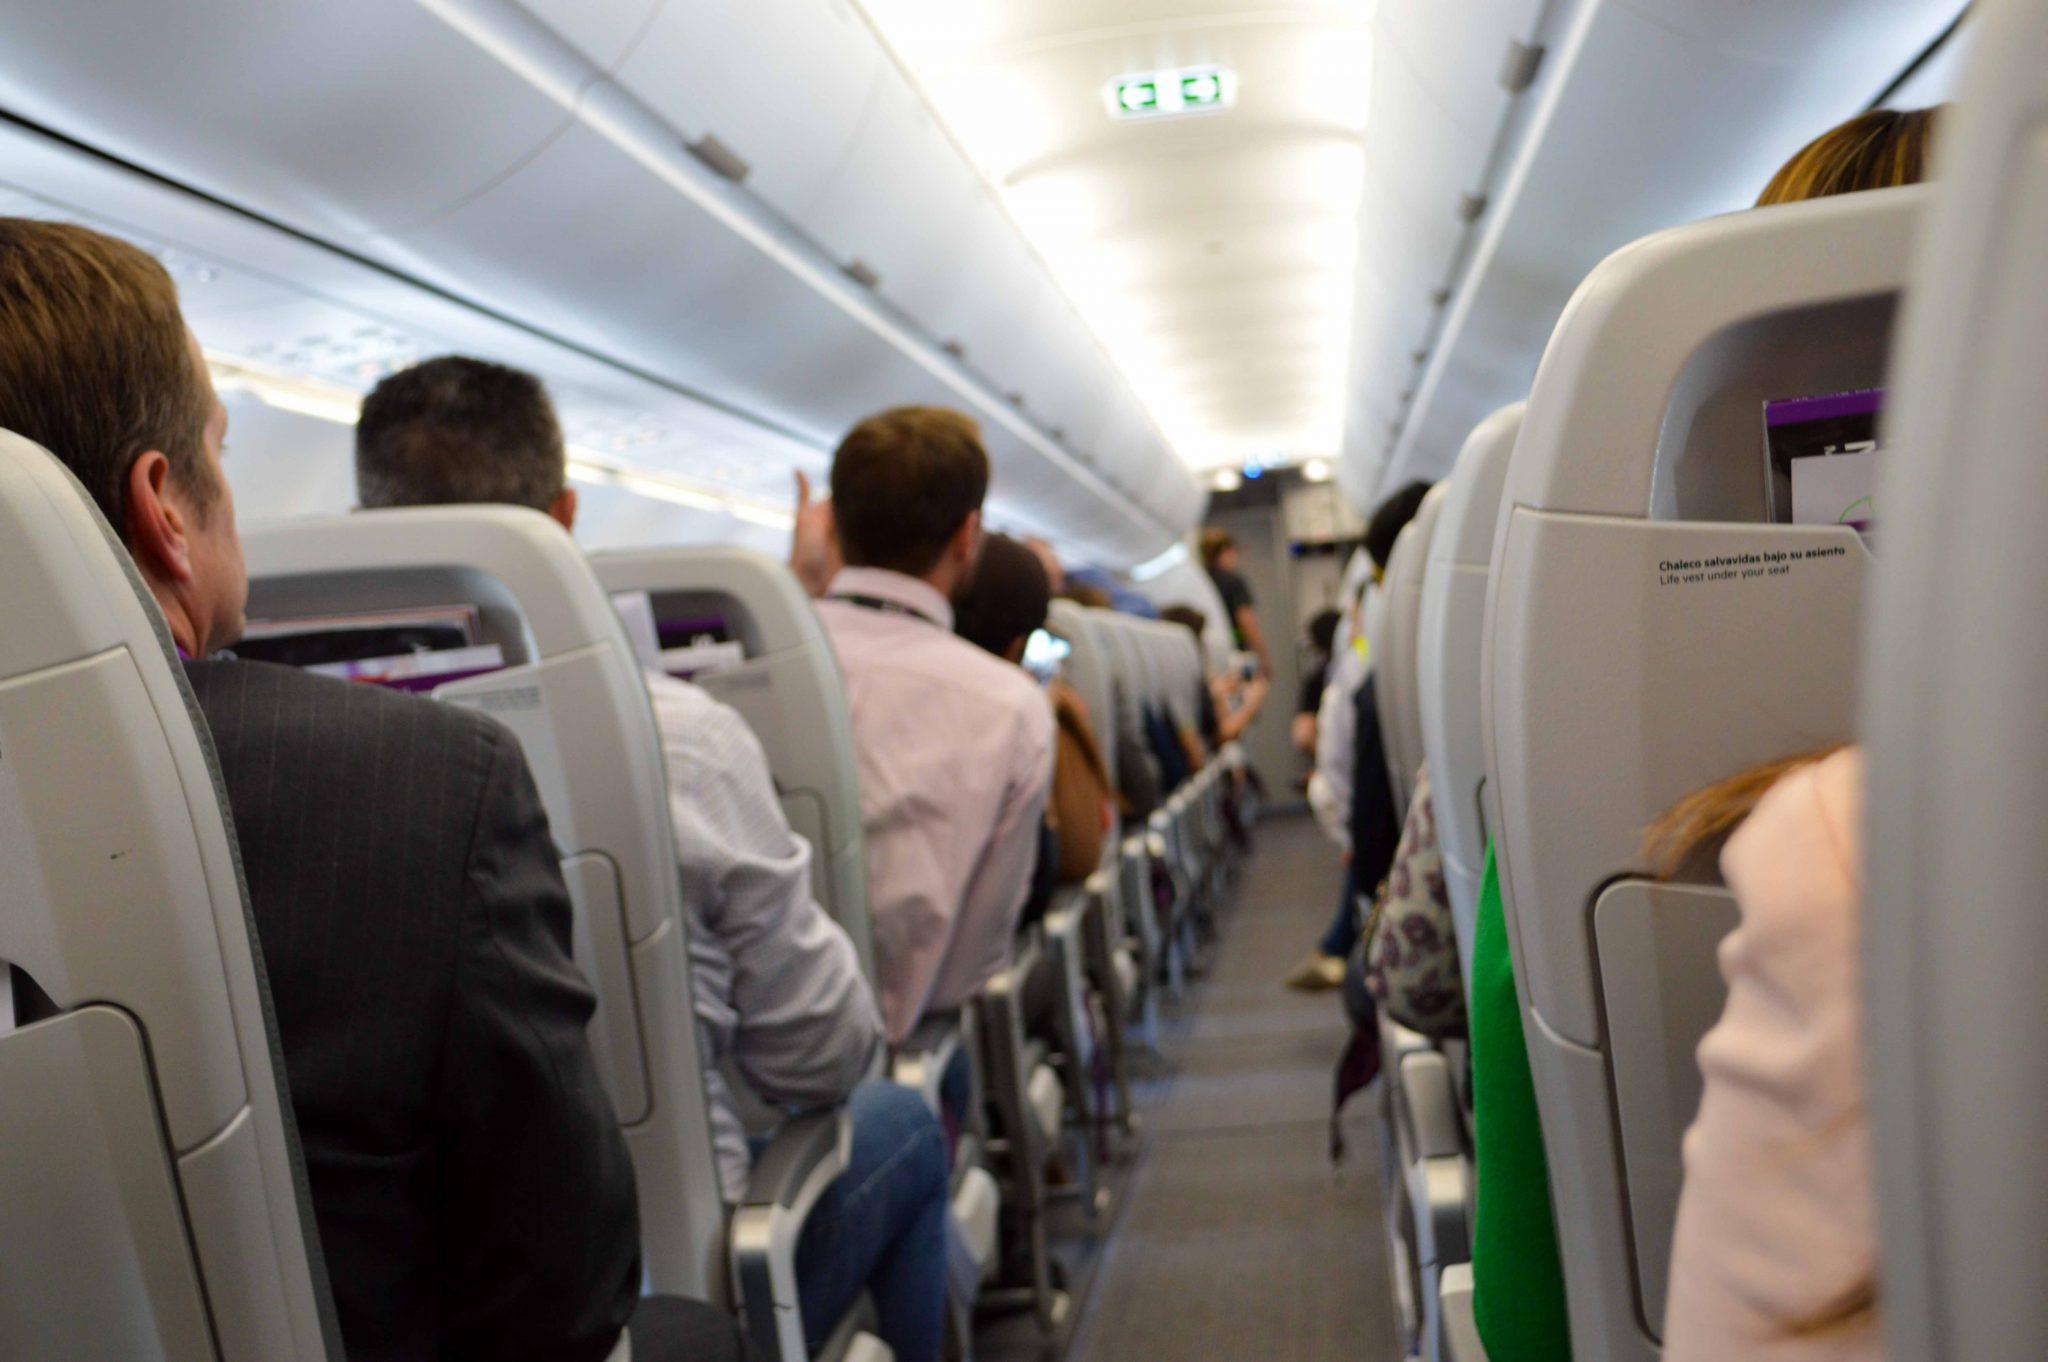 La demanda de pasajeros se hunde con las restricciones de viaje debido al COVID-19